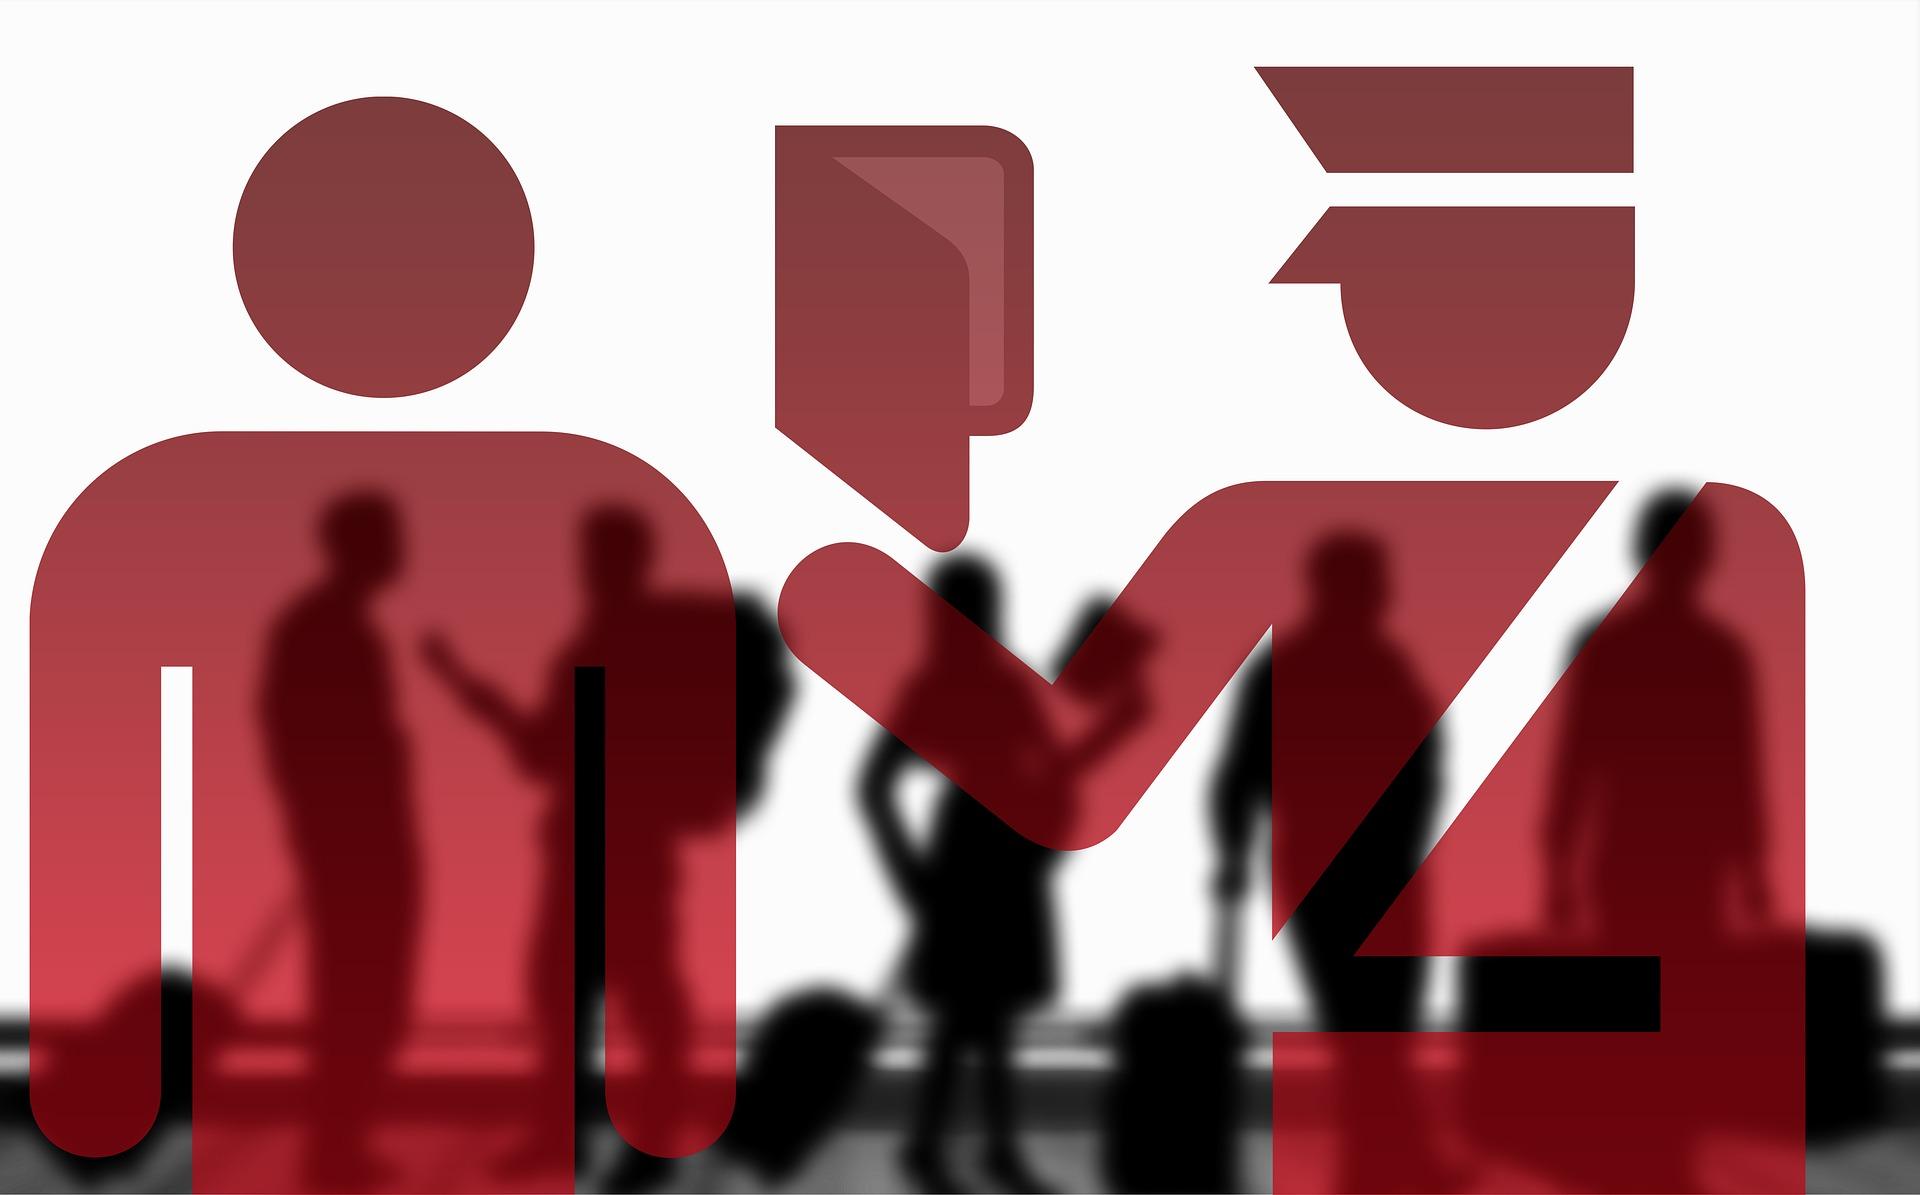 La policía tramita 275 denuncias diarias por incumplimiento de las medidas COVID - La Viña